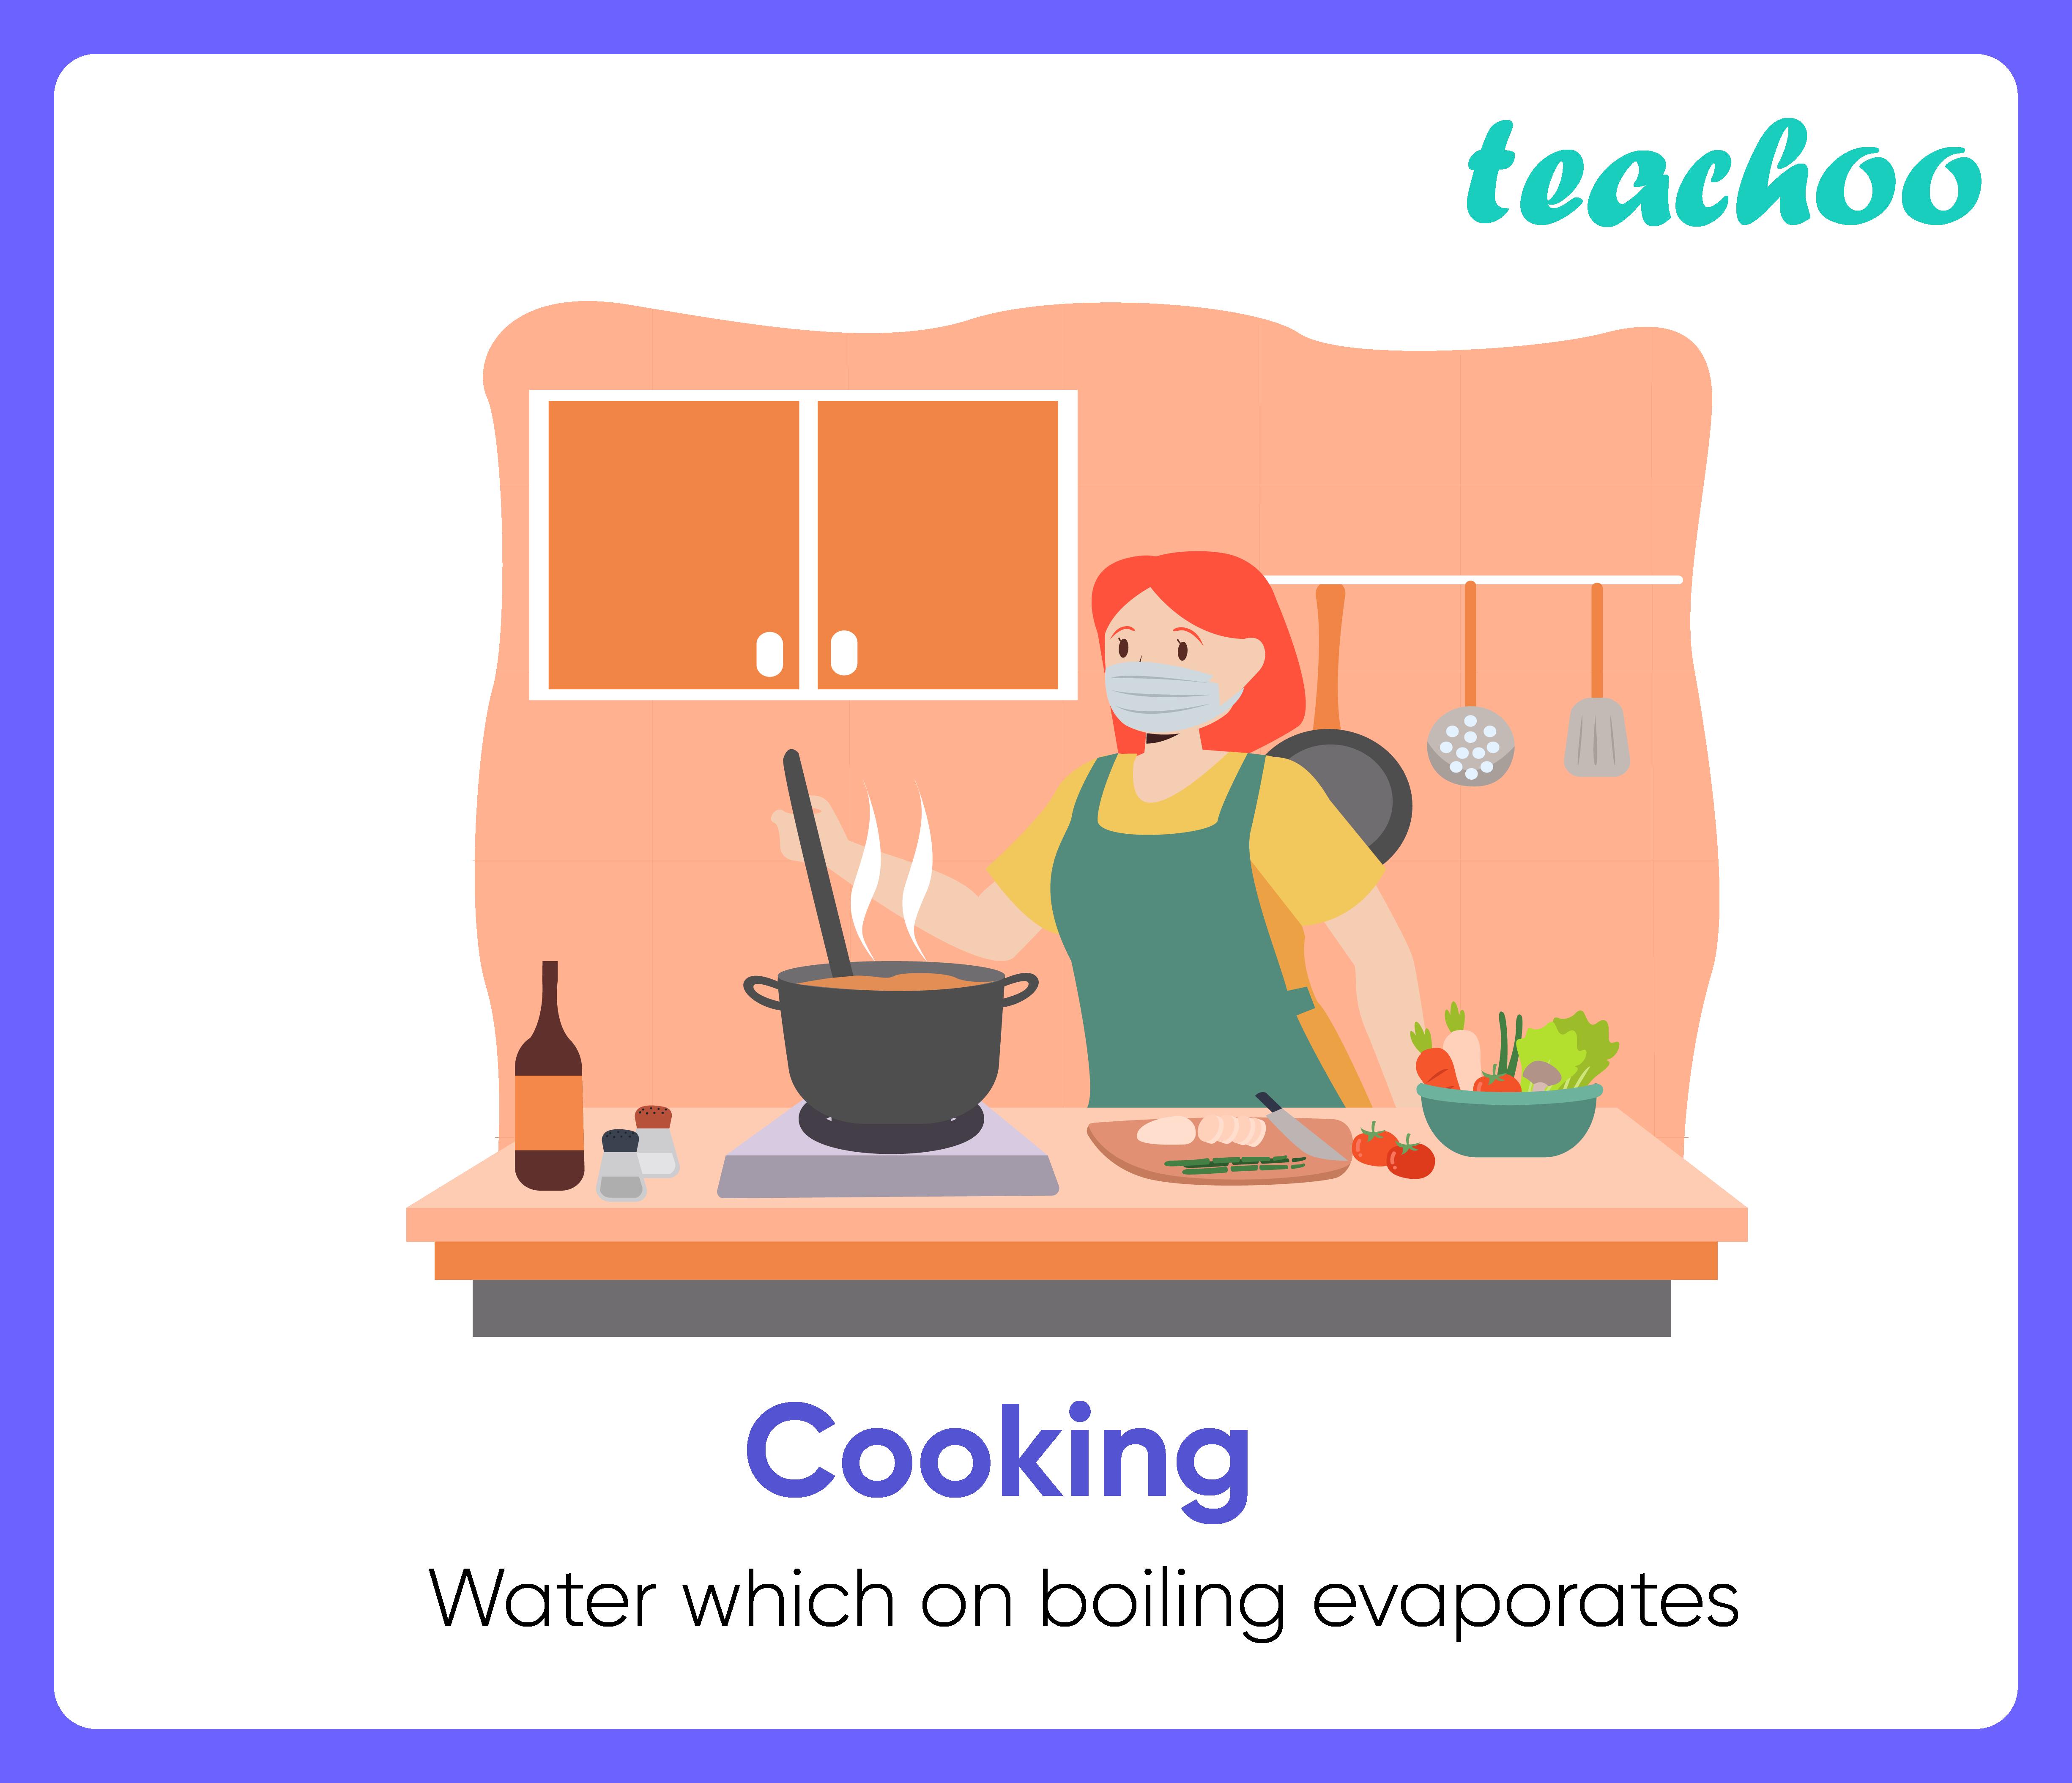 Cooking-Teachoo-01.png